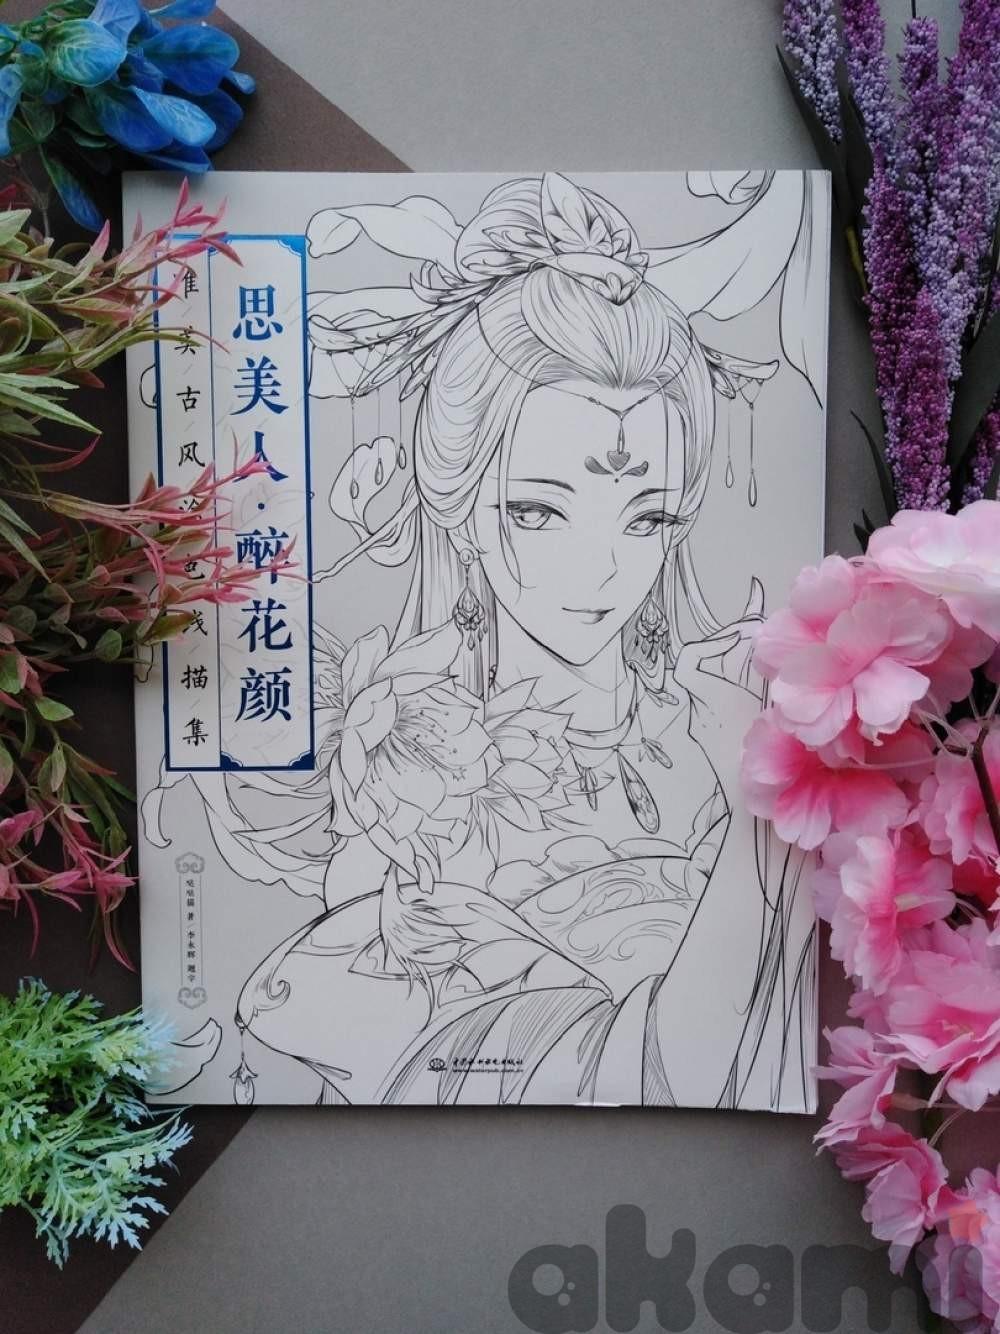 Раскраска в китайском стиле am608 - Раскраски / Аниме ...